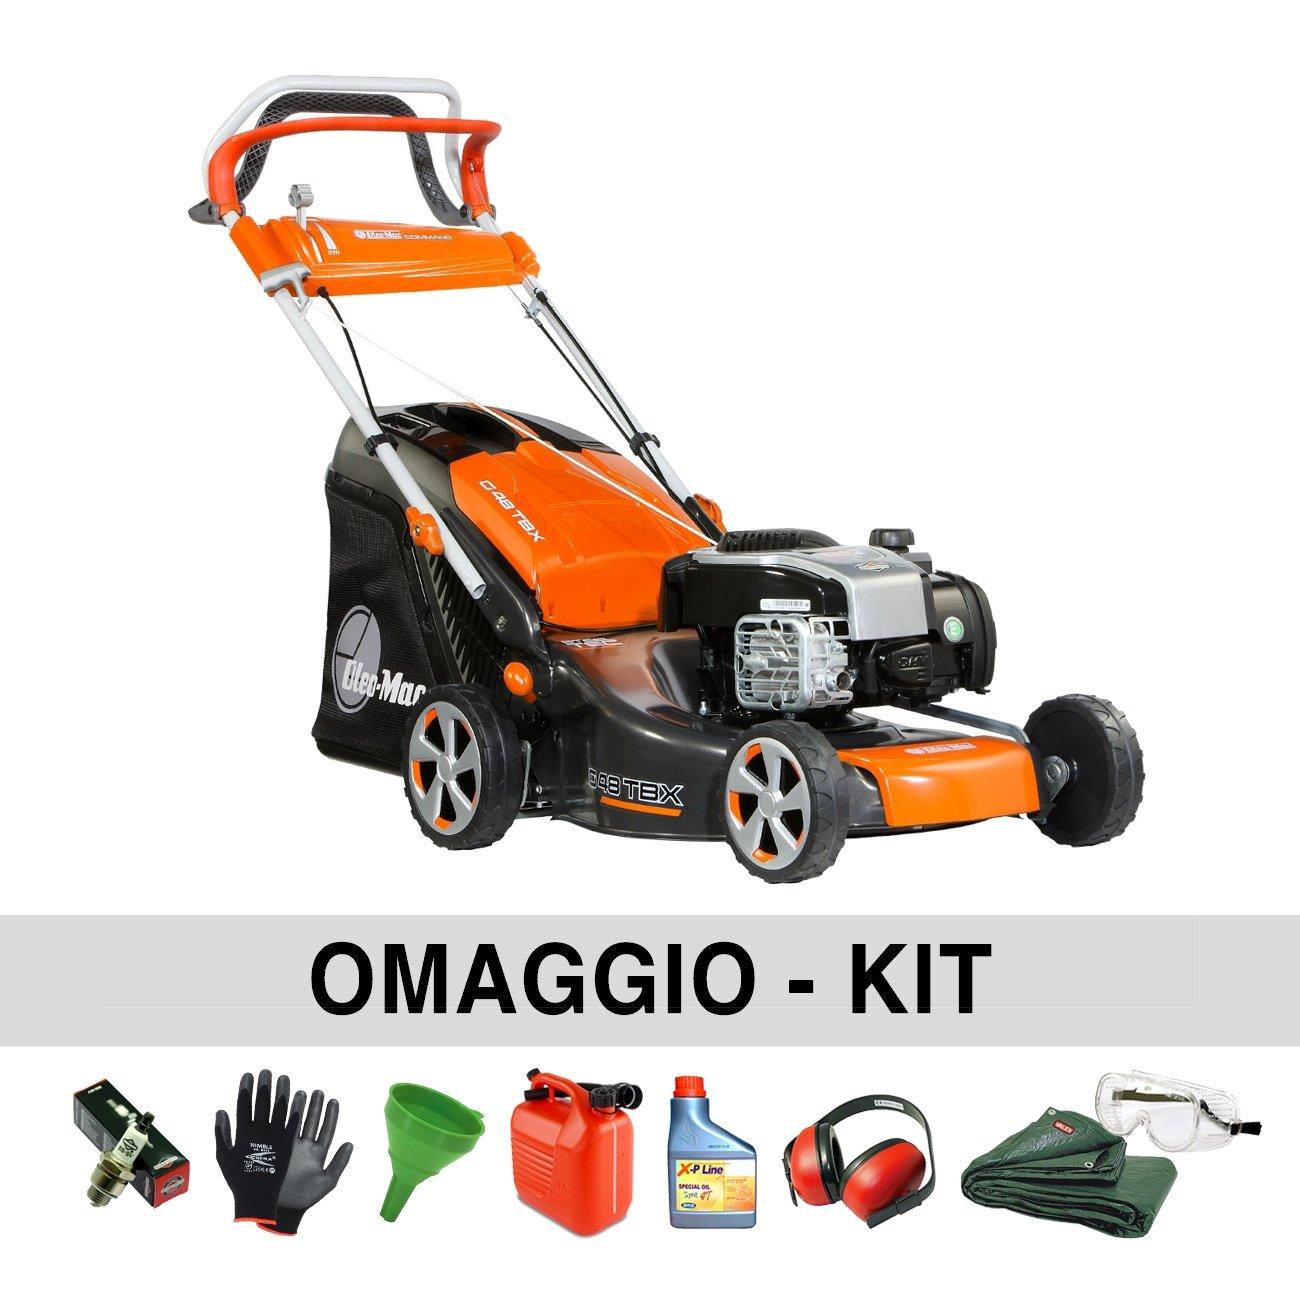 Image of Tagliaerba a scoppio OleoMac G 48 TBX Comfort Plus